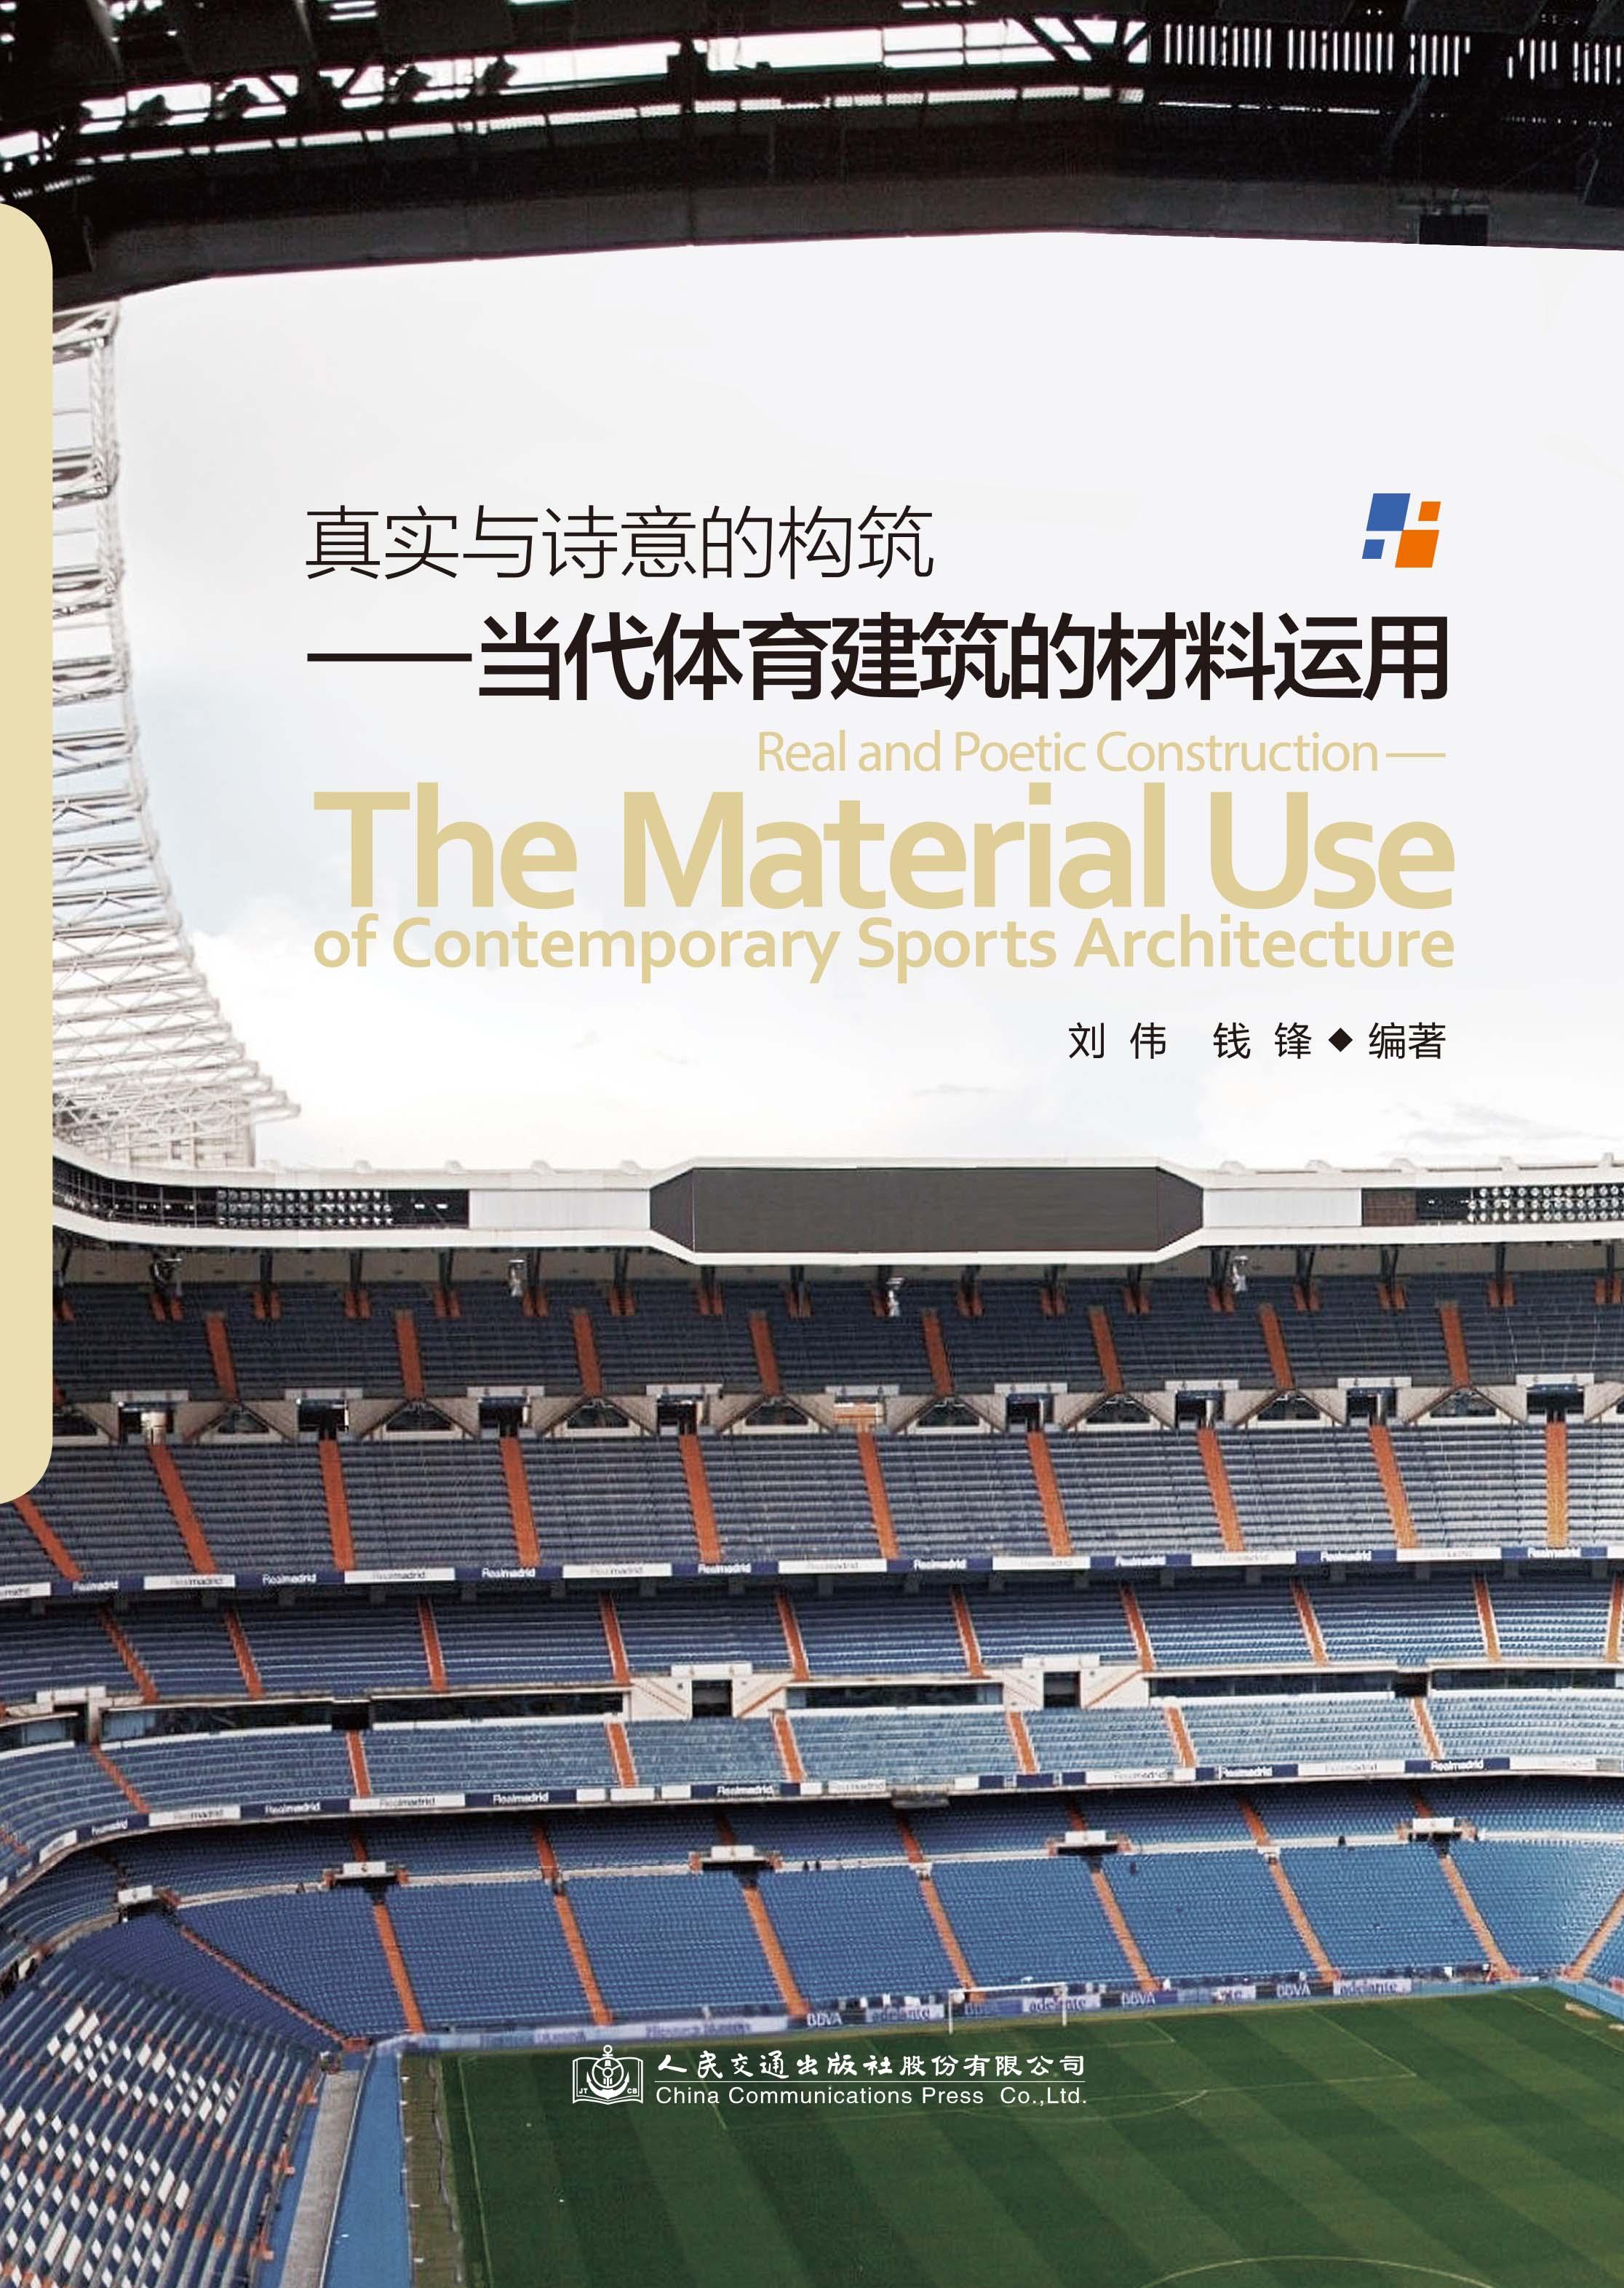 真实与诗意的构筑----当代体育建筑的材料运用